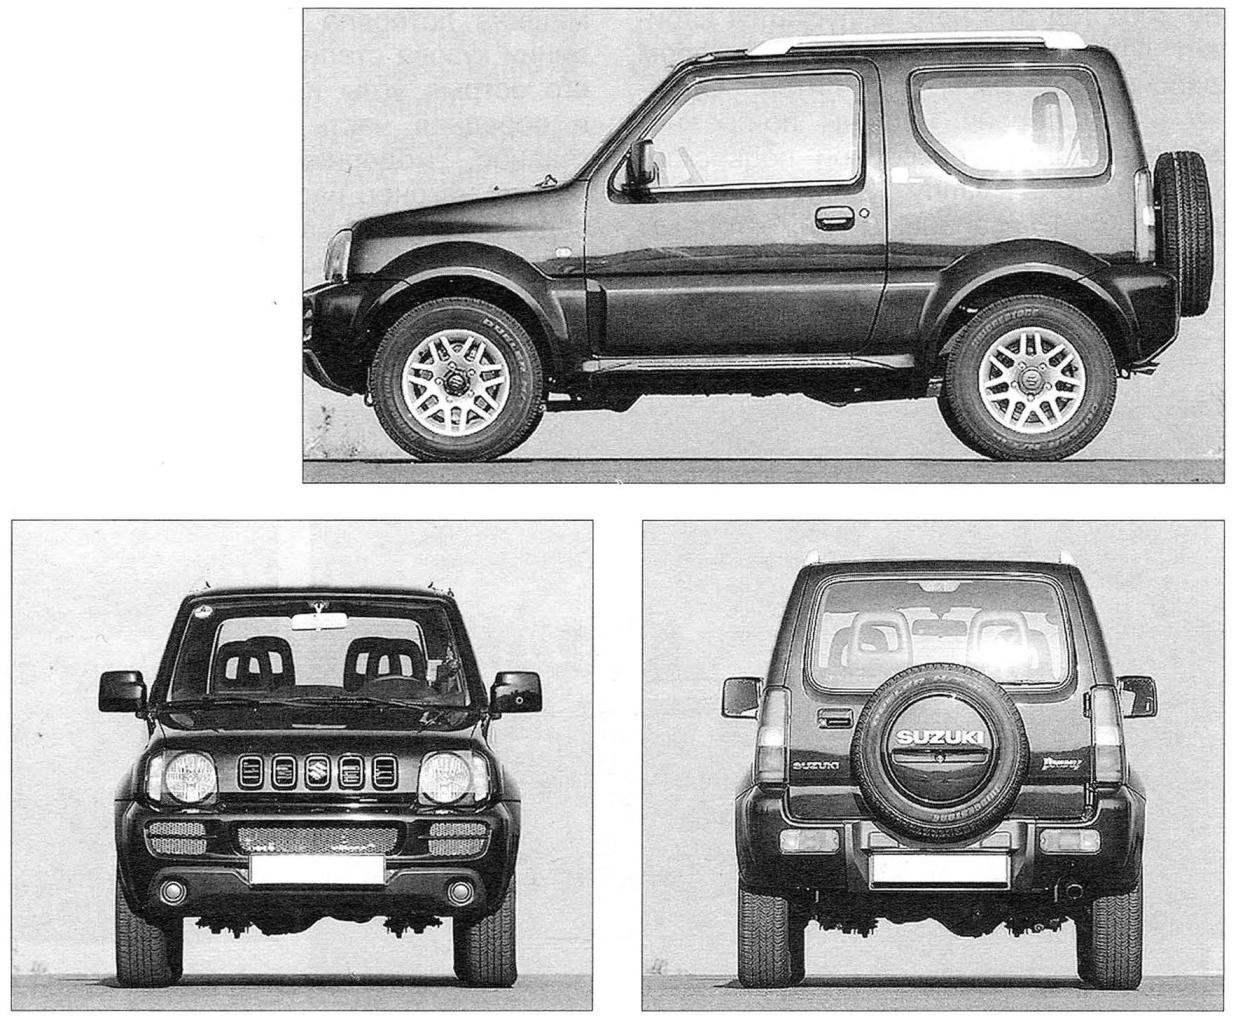 Mini jeep Suzuki Jimny (side view, front and back)